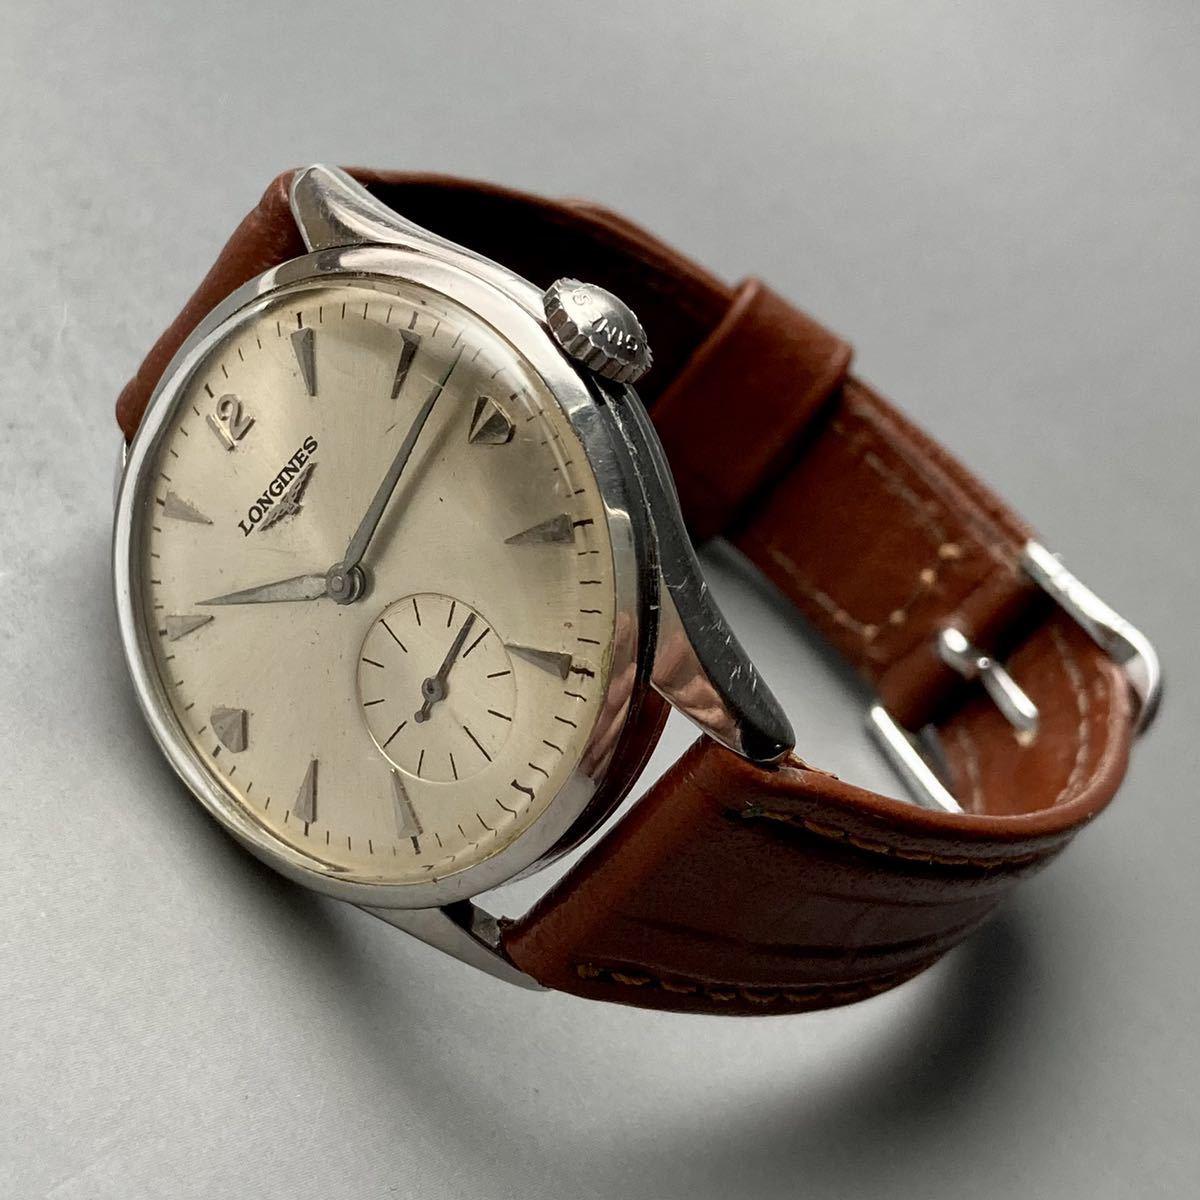 動作良好★ロンジン アンティーク 腕時計 1950年代 メンズ 手巻き cal.12.68Z ケース径33㎜ LONGINES ビンテージ ウォッチ 男性 スイス_画像5